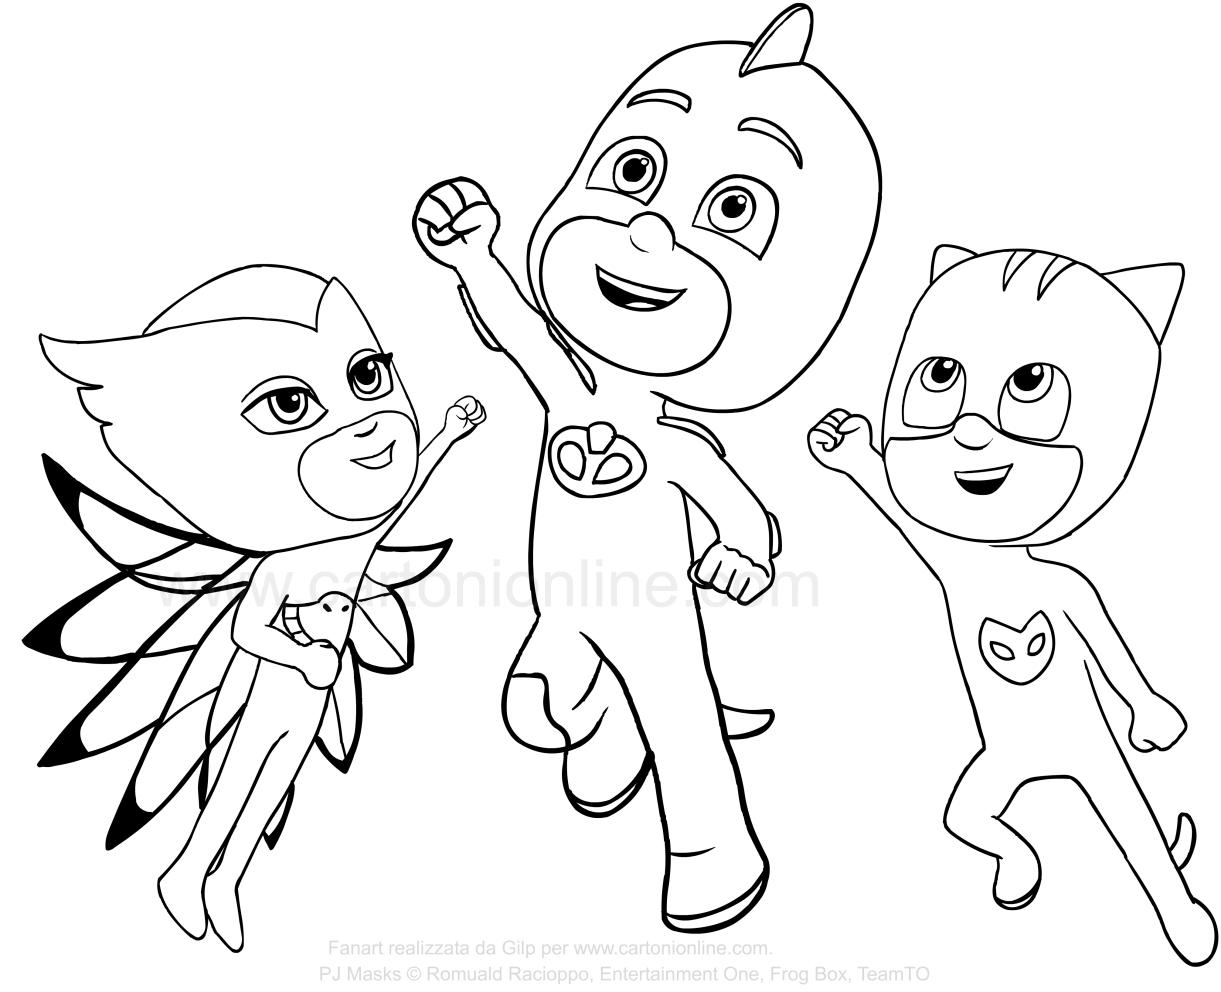 De PJ Masks Super-pyjama springt voor het plezier van het vliegen en behaalde succes tegen de slechteriken die de dag willen verpesten